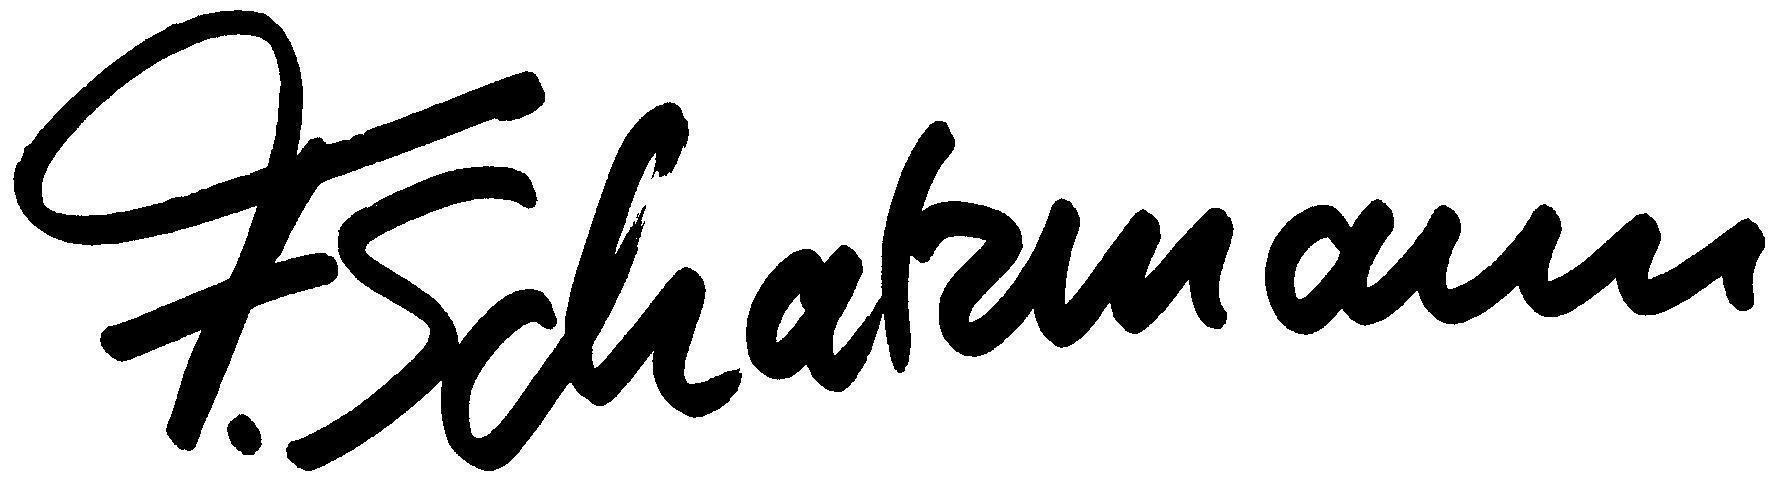 Unterschrift FS